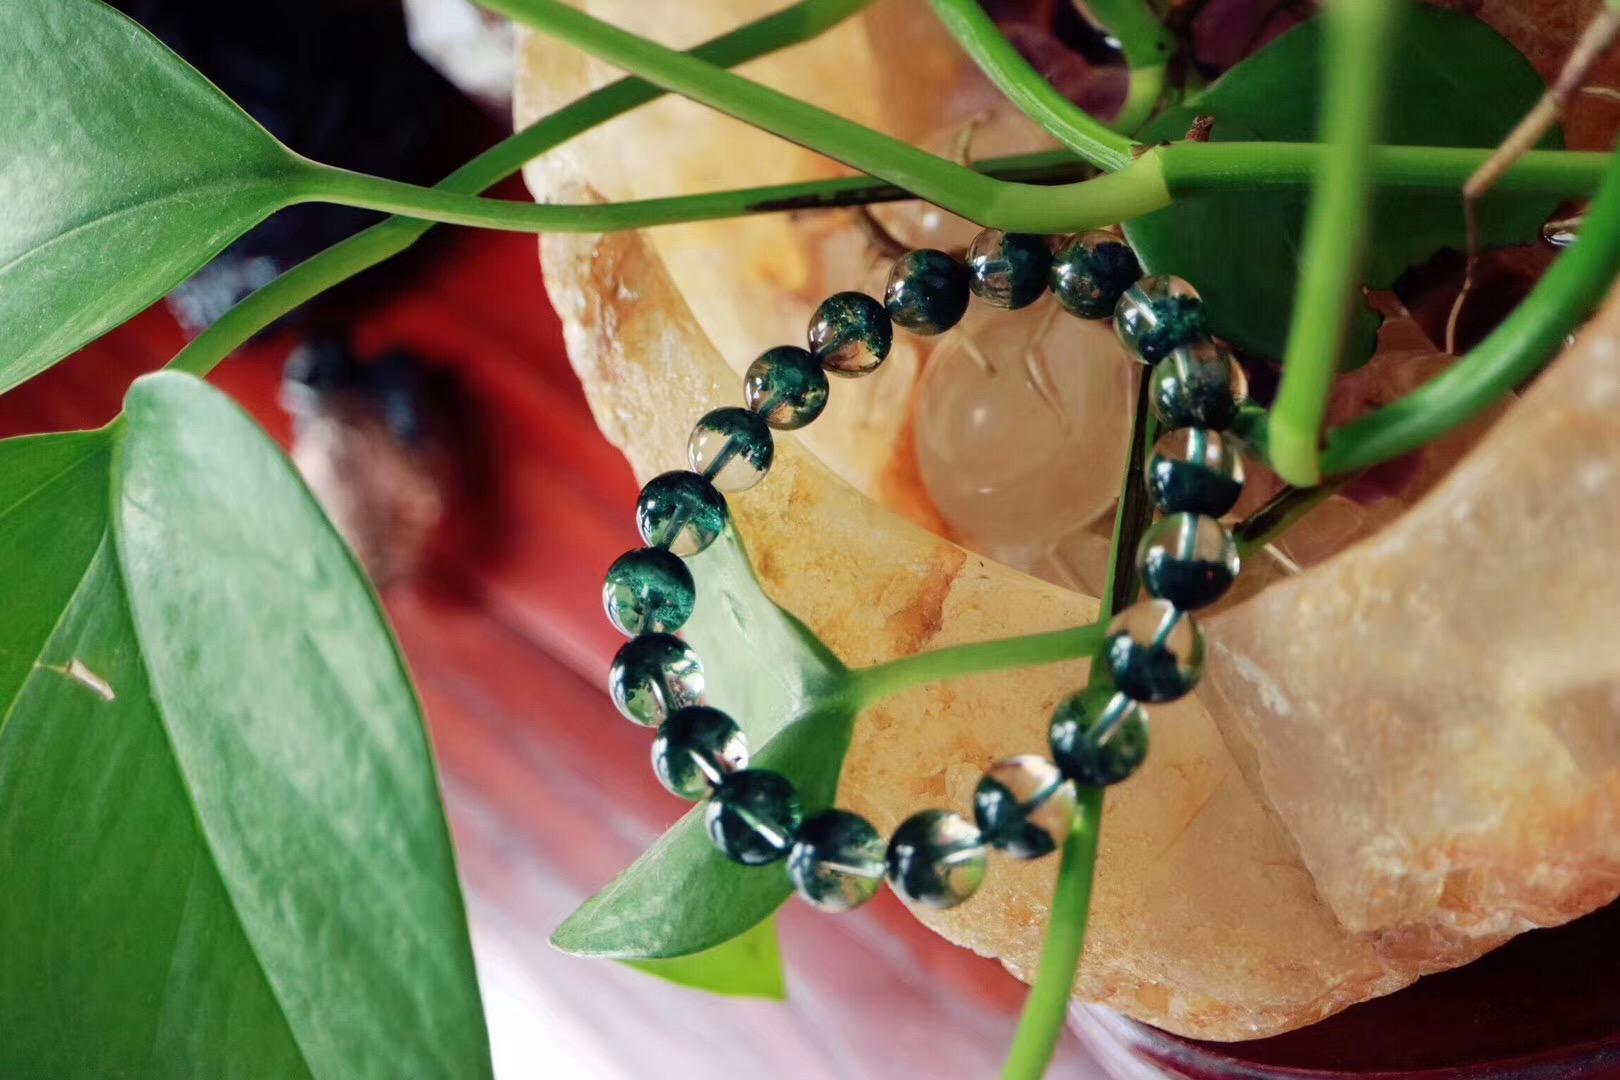 【菩心 | 绿幽灵聚宝盆】墨绿色的绿幽灵疗愈心轮效果极佳-菩心晶舍